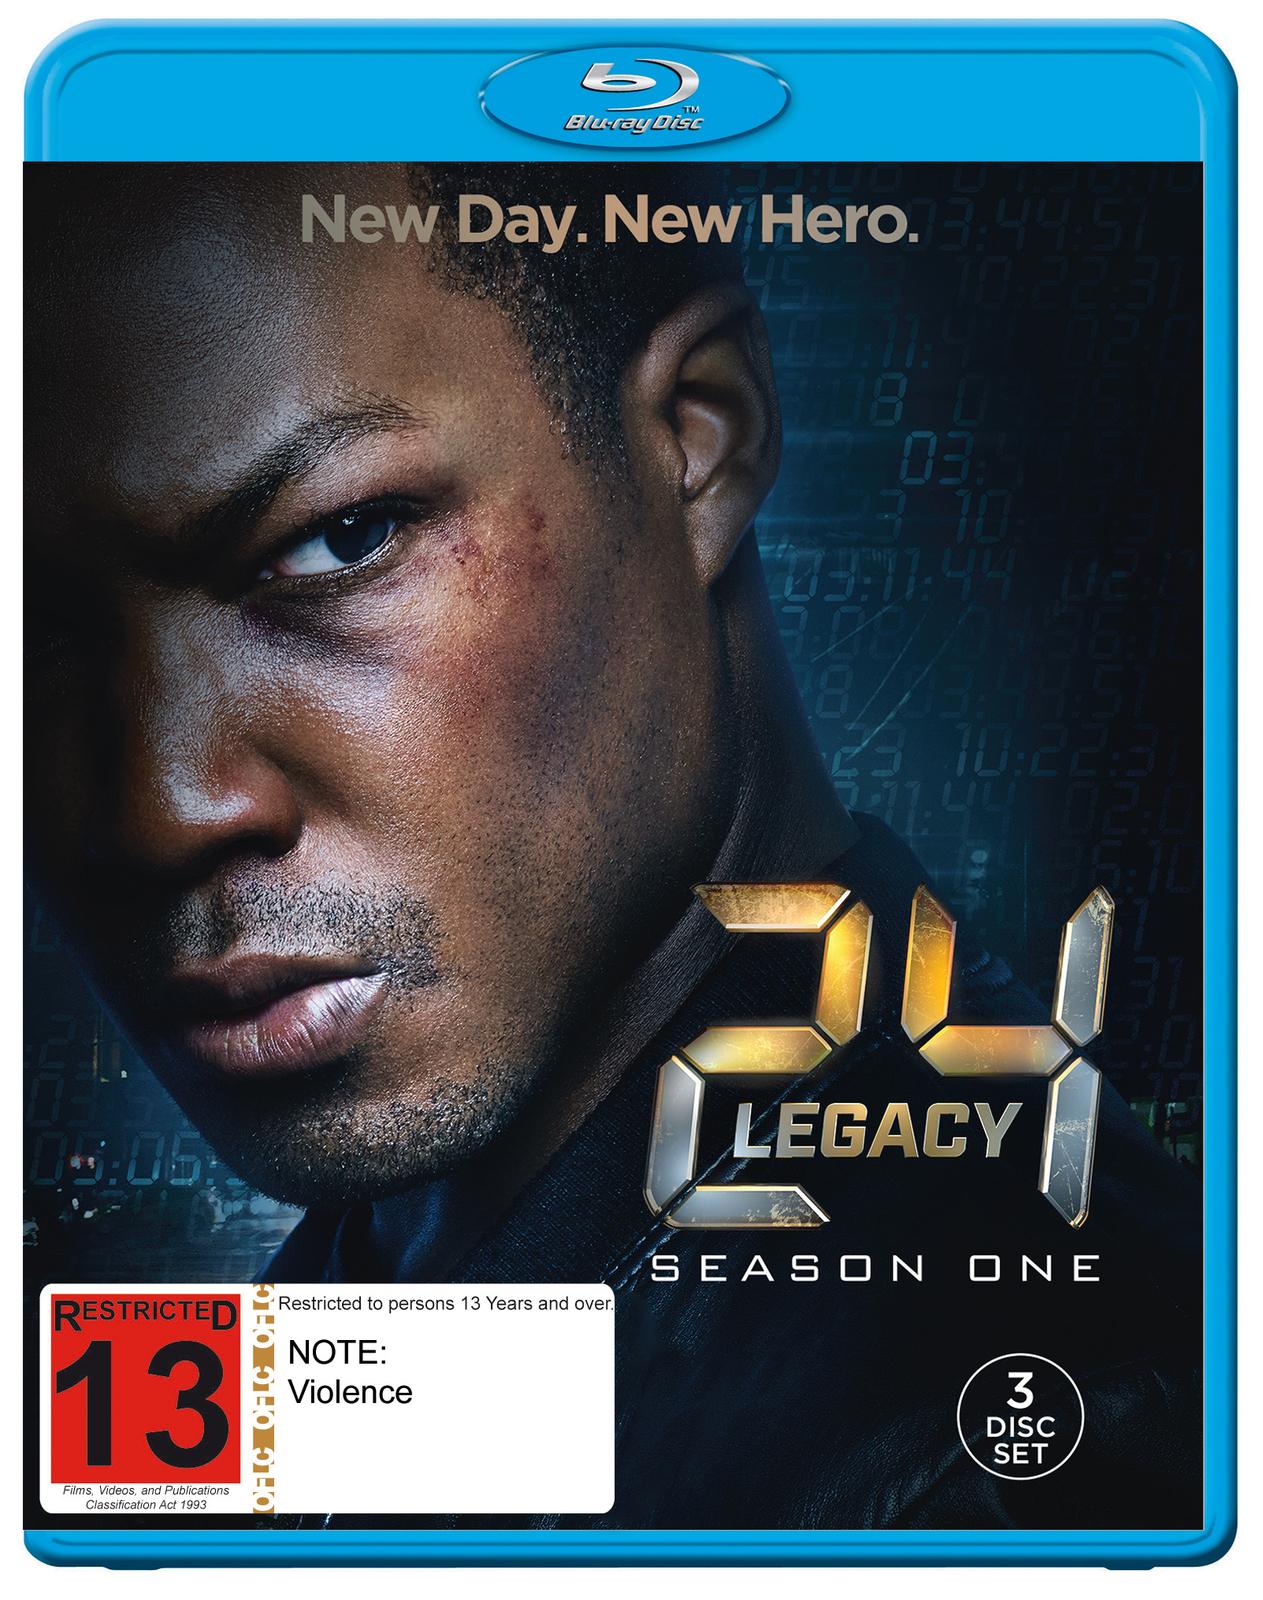 24: Legacy image